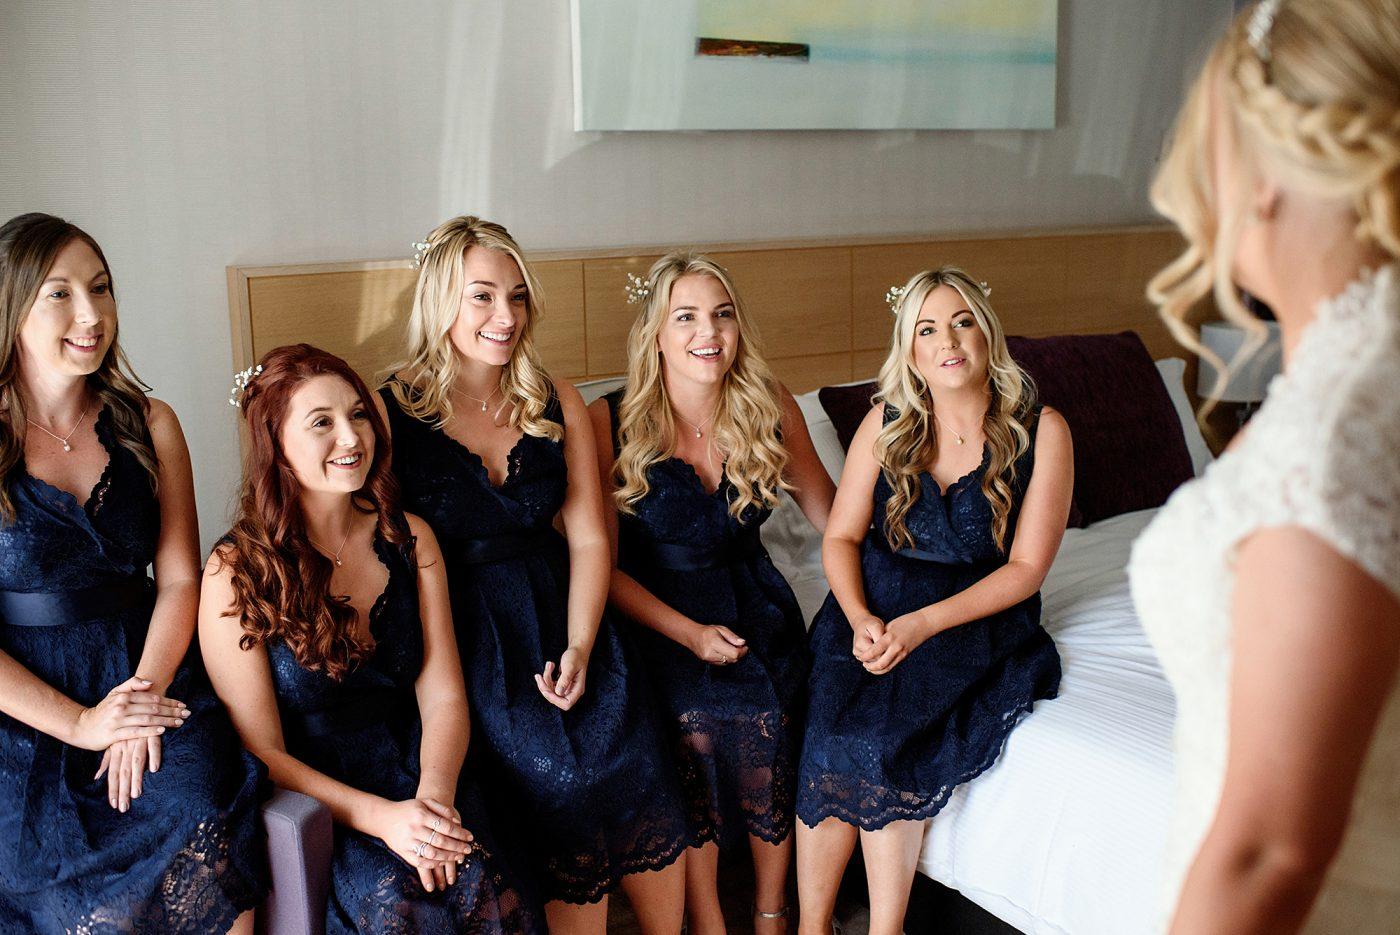 bridesmaids reaction to the bride